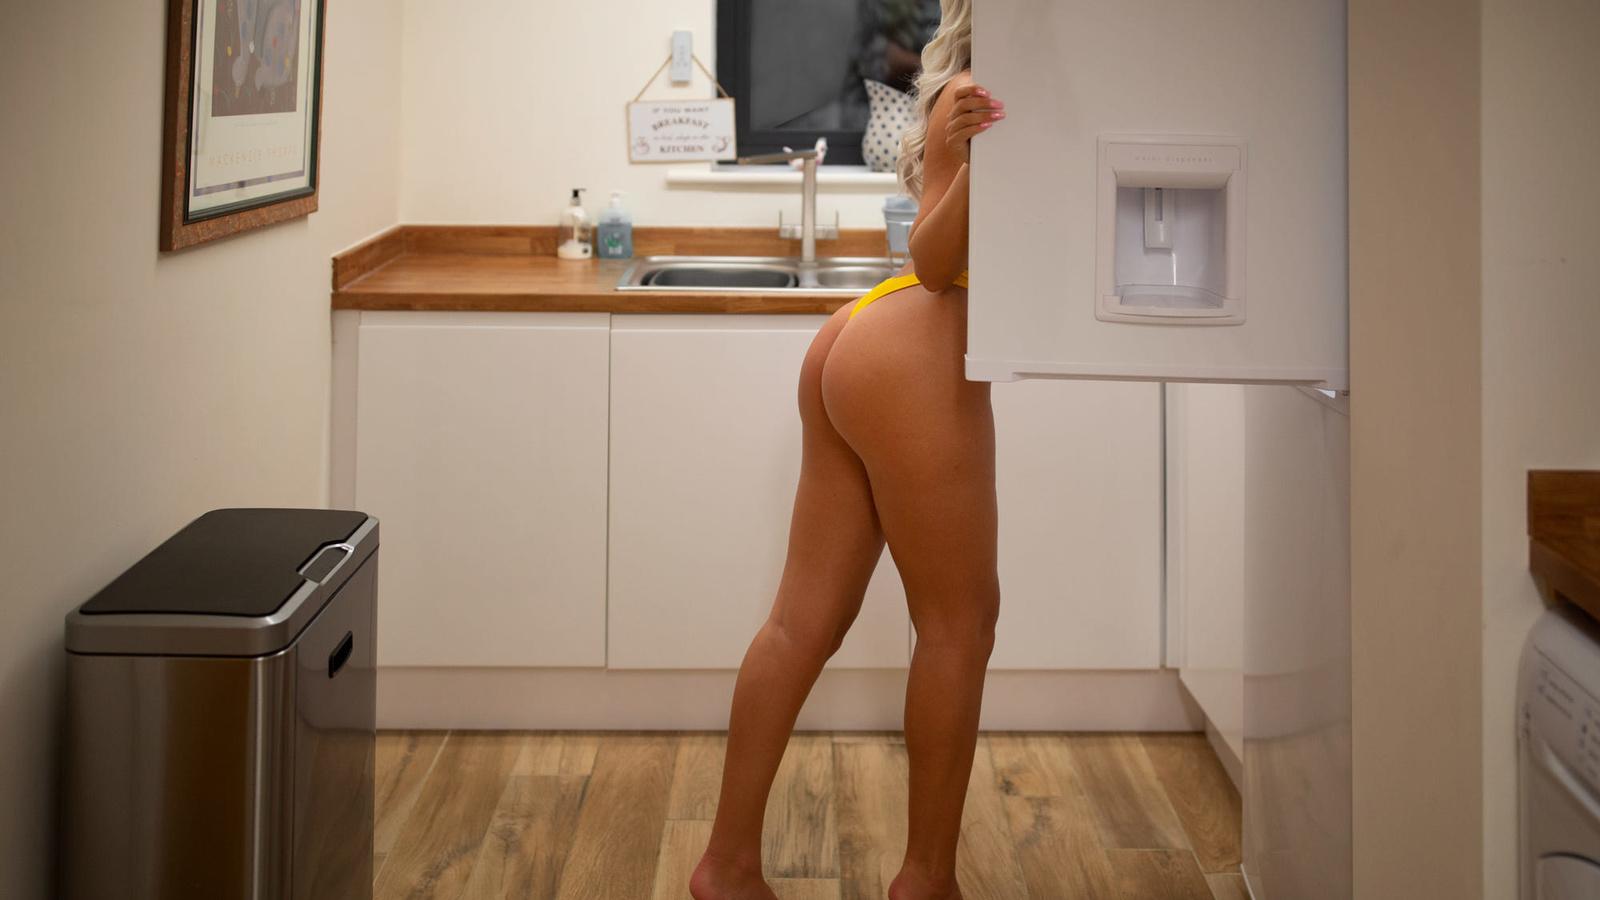 women, ass, brunette, blonde, fridge, kitchen, women indoors, pink nails, yellow panties